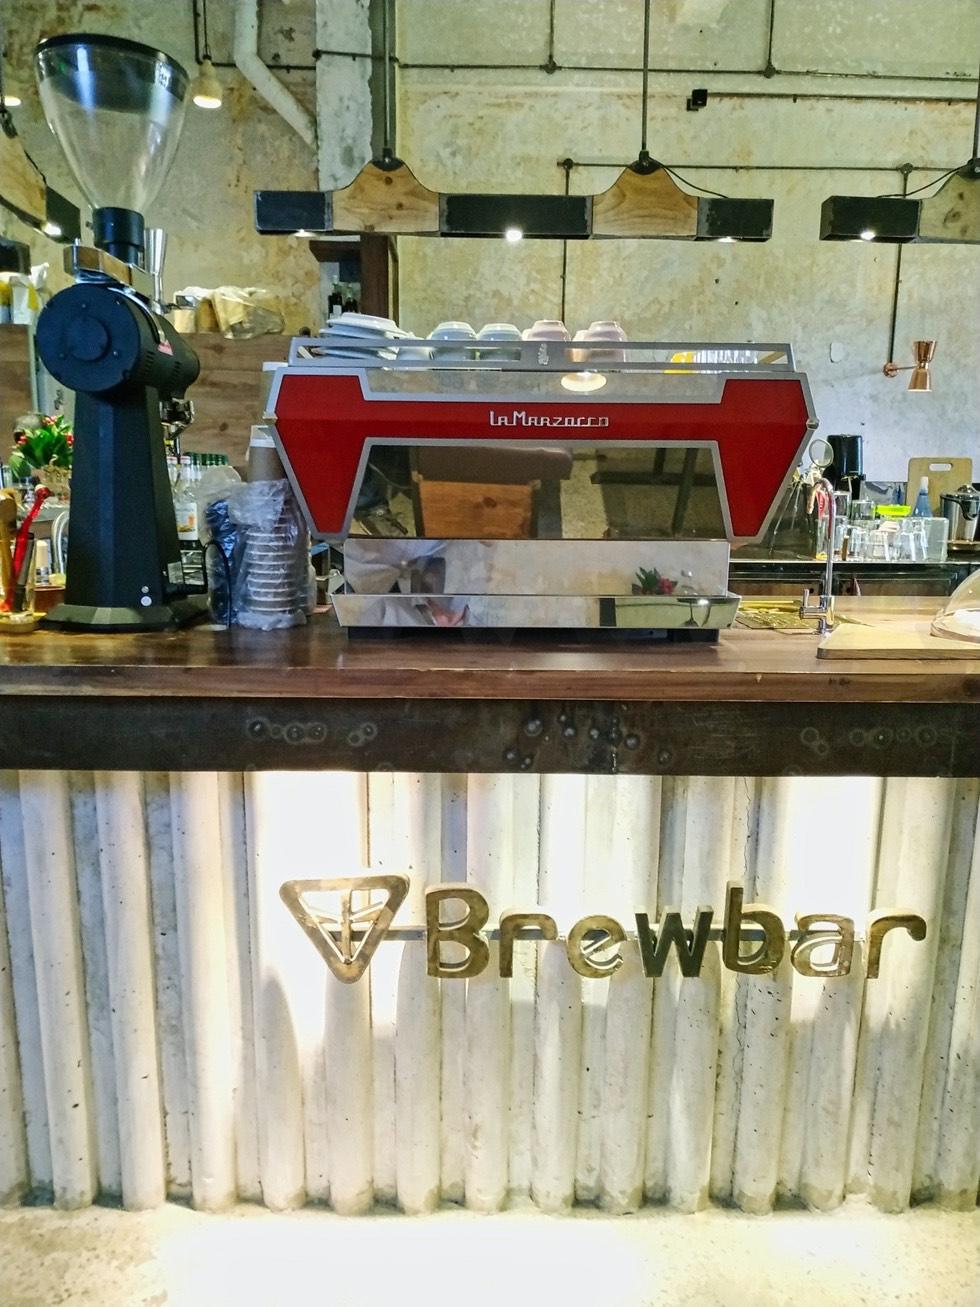 Brewbar Counter